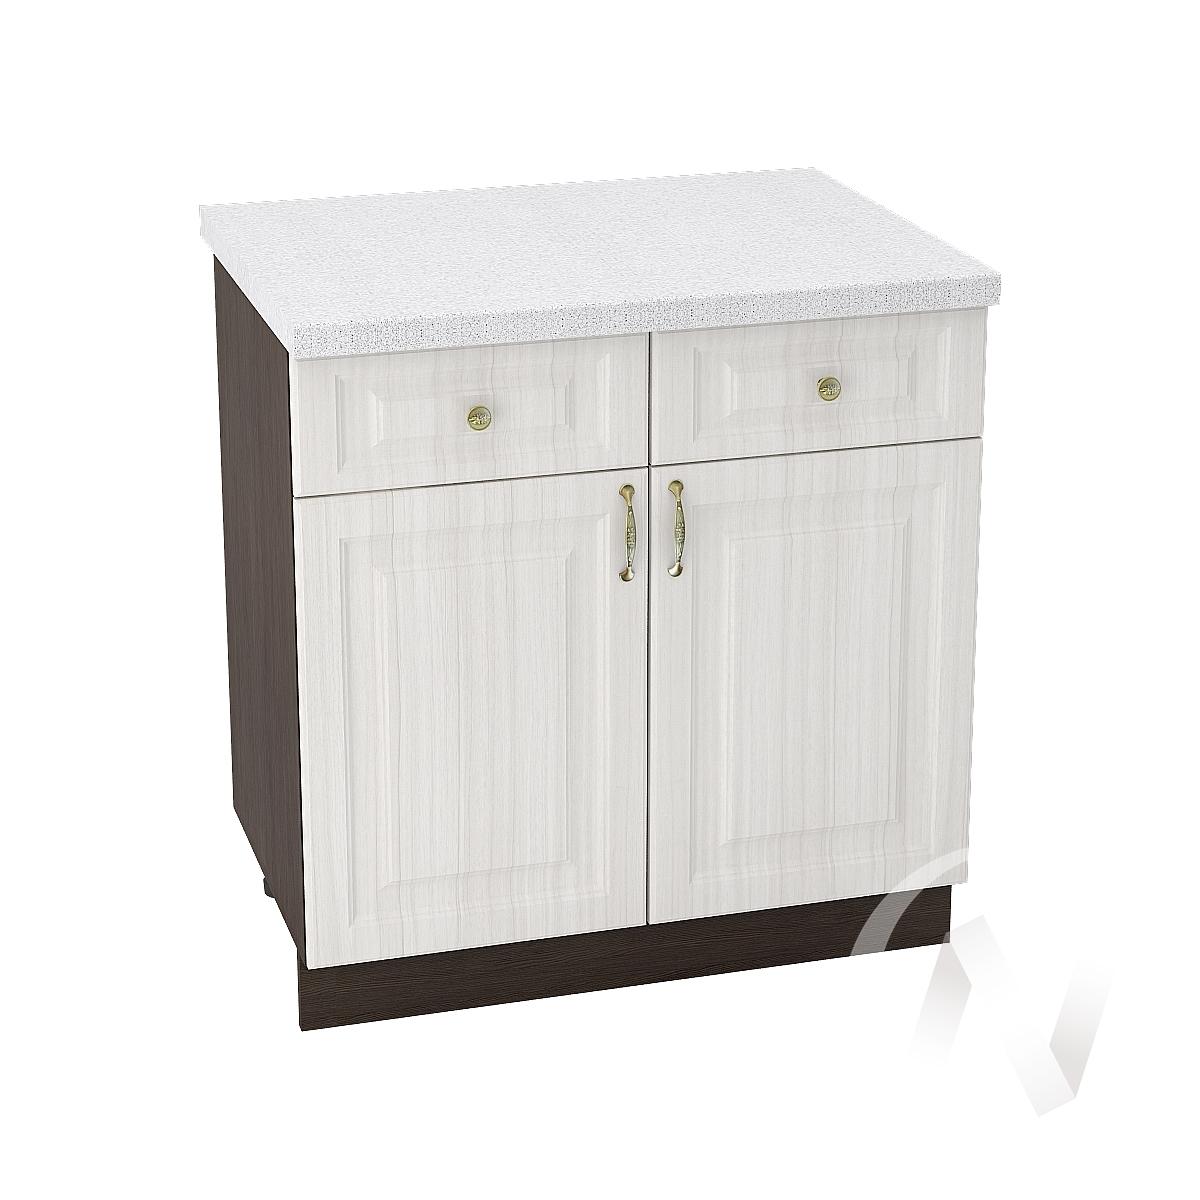 """Кухня """"Виктория"""": Шкаф нижний с ящиками 800, ШН1Я 800 (корпус венге)"""